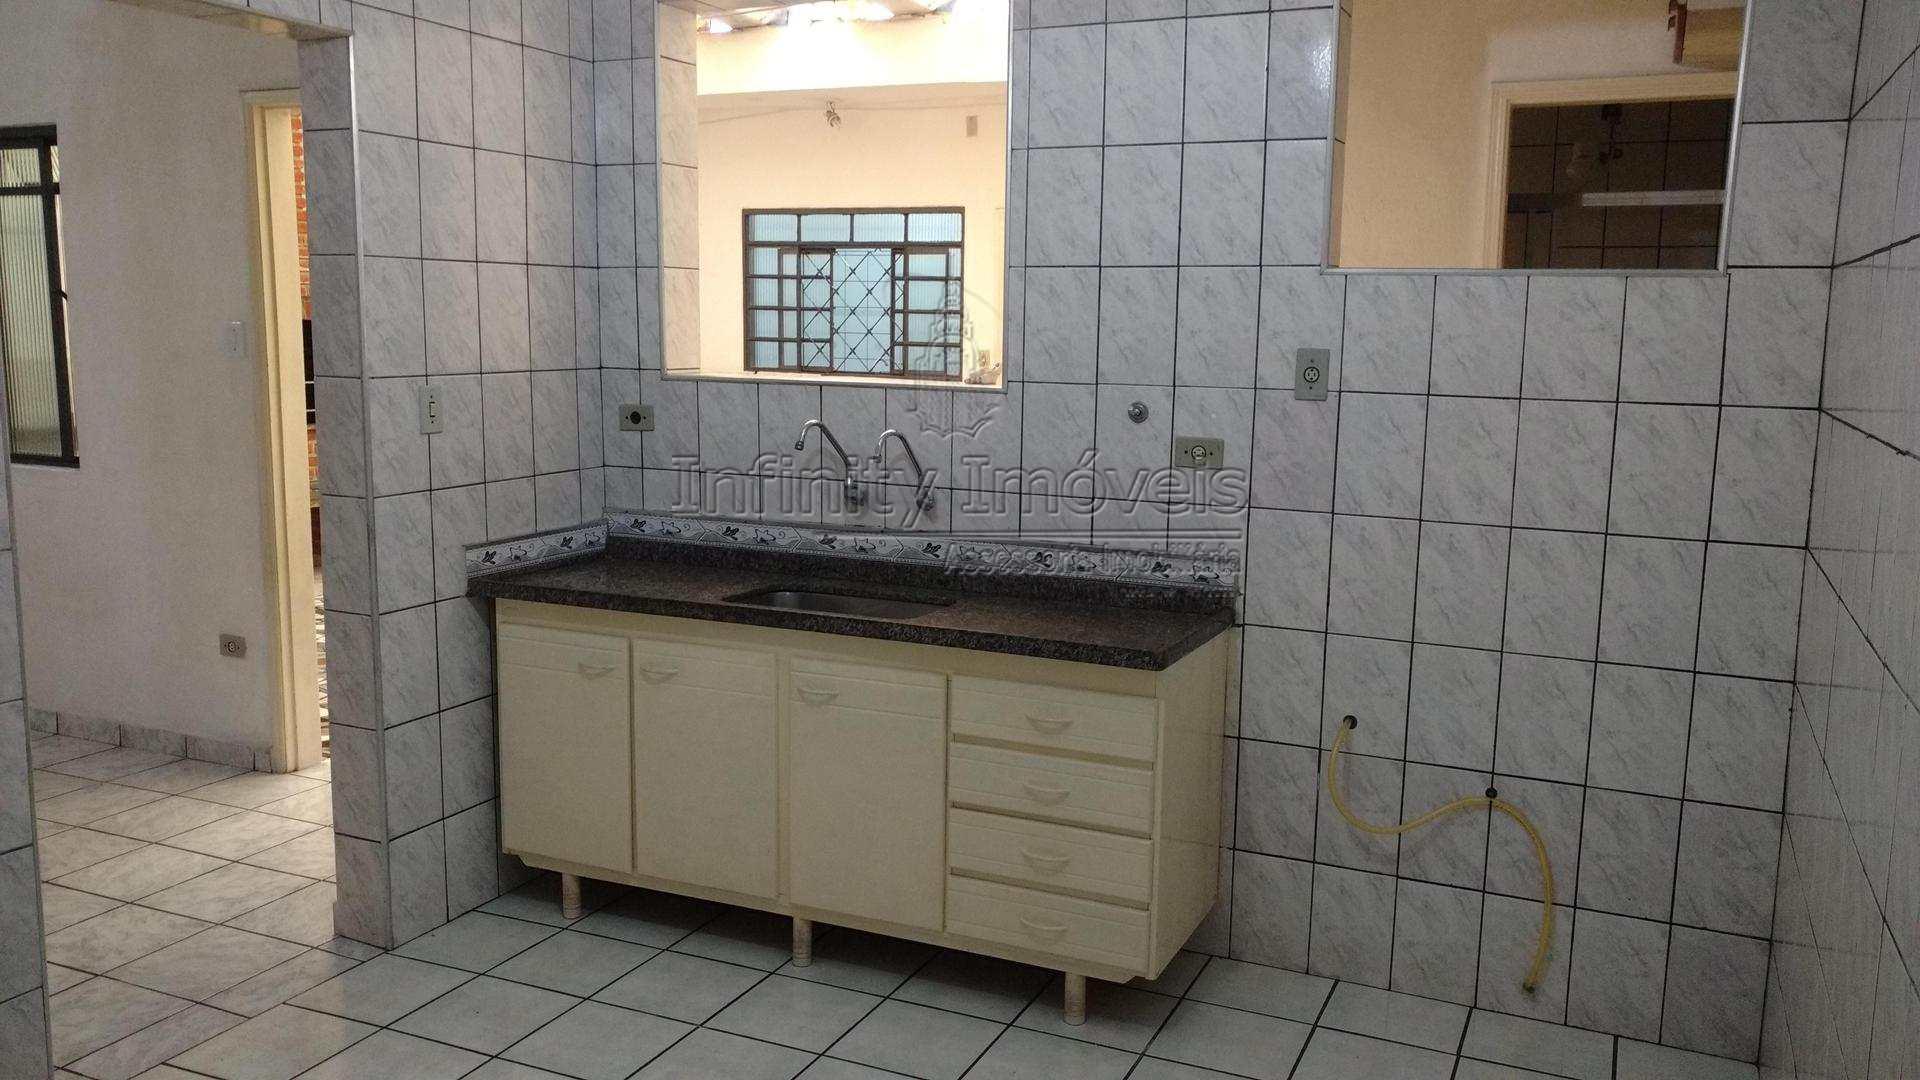 27 - Cozinha Extra-Edícola